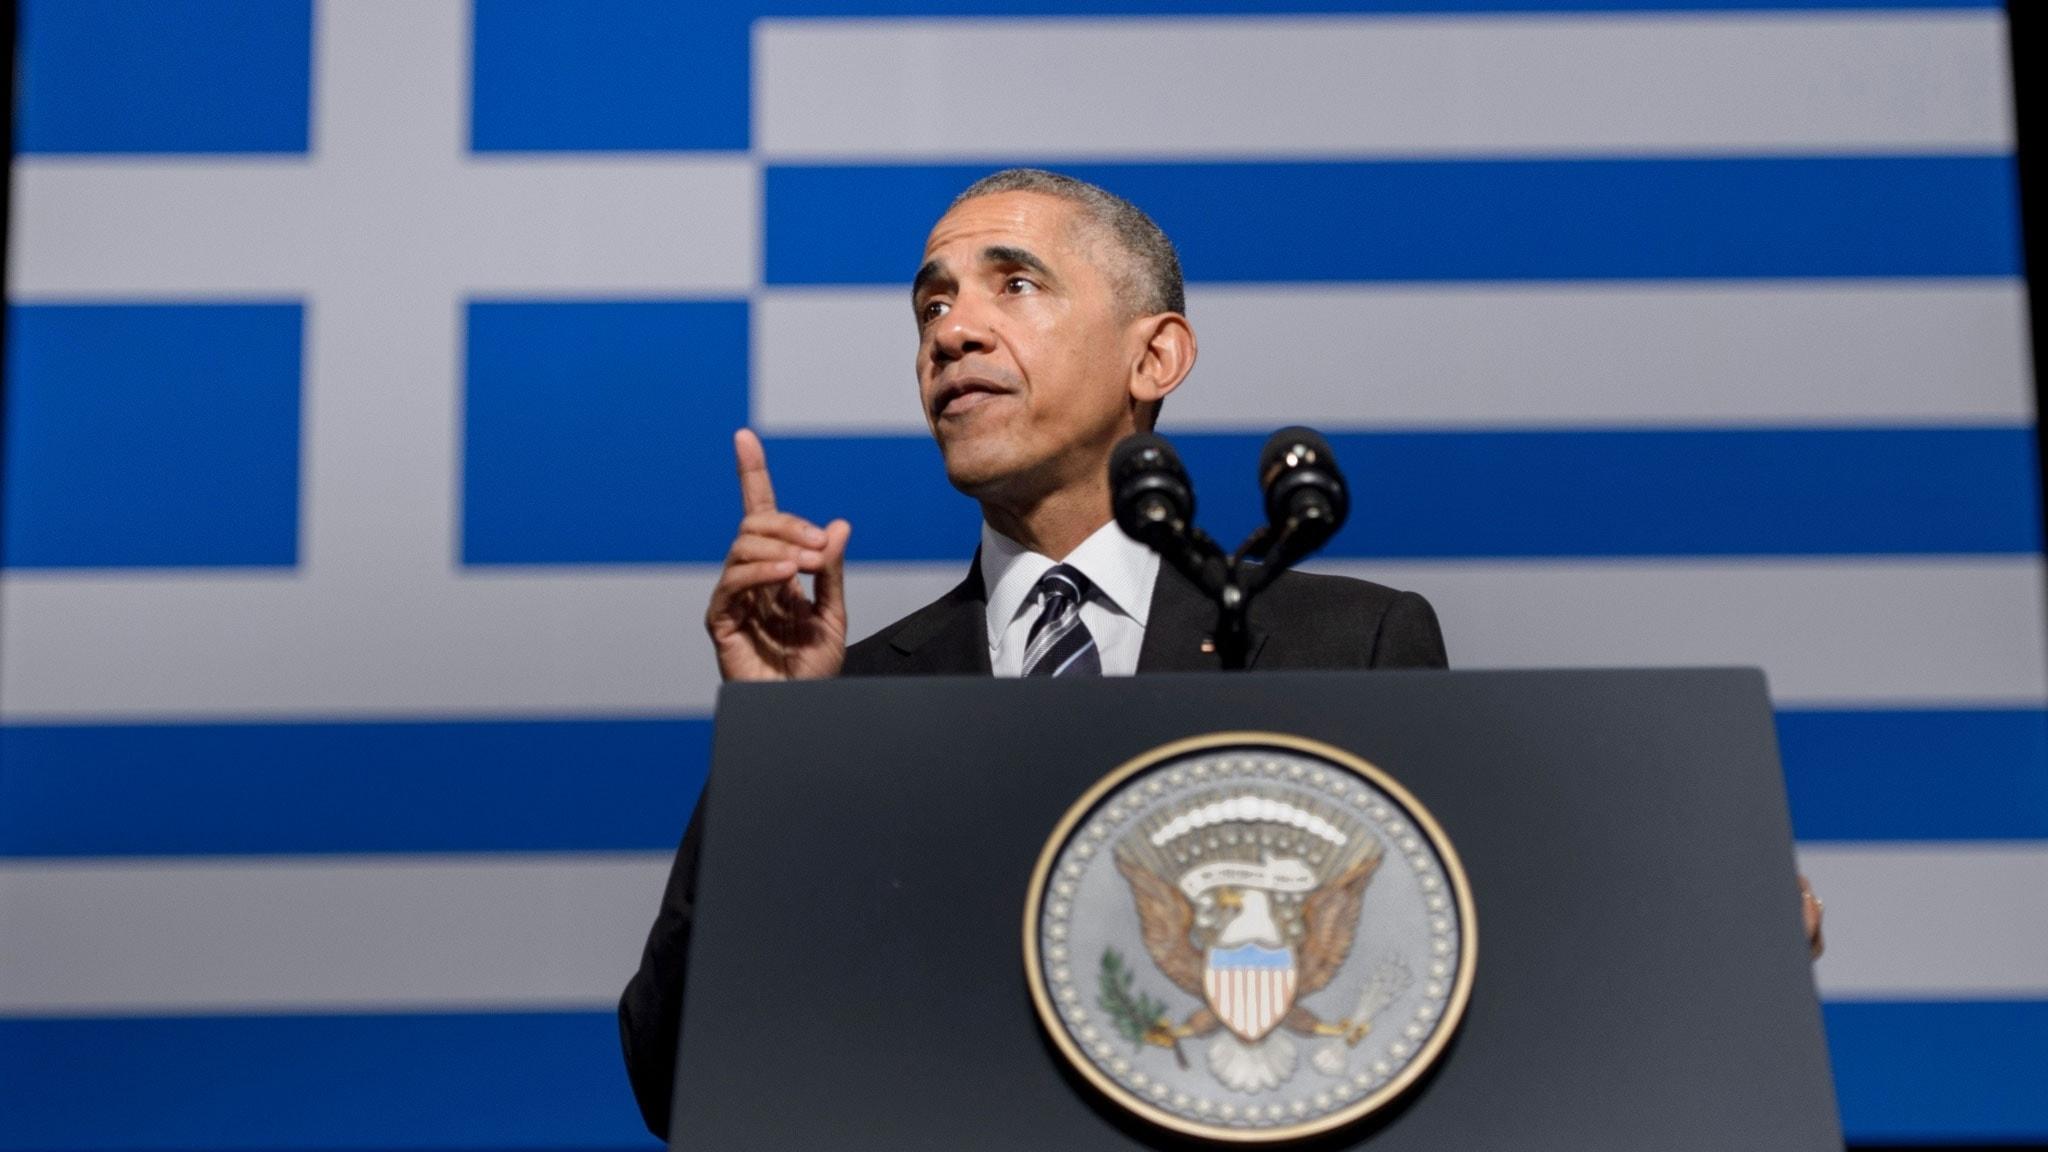 Obama uppmanade till samarbete